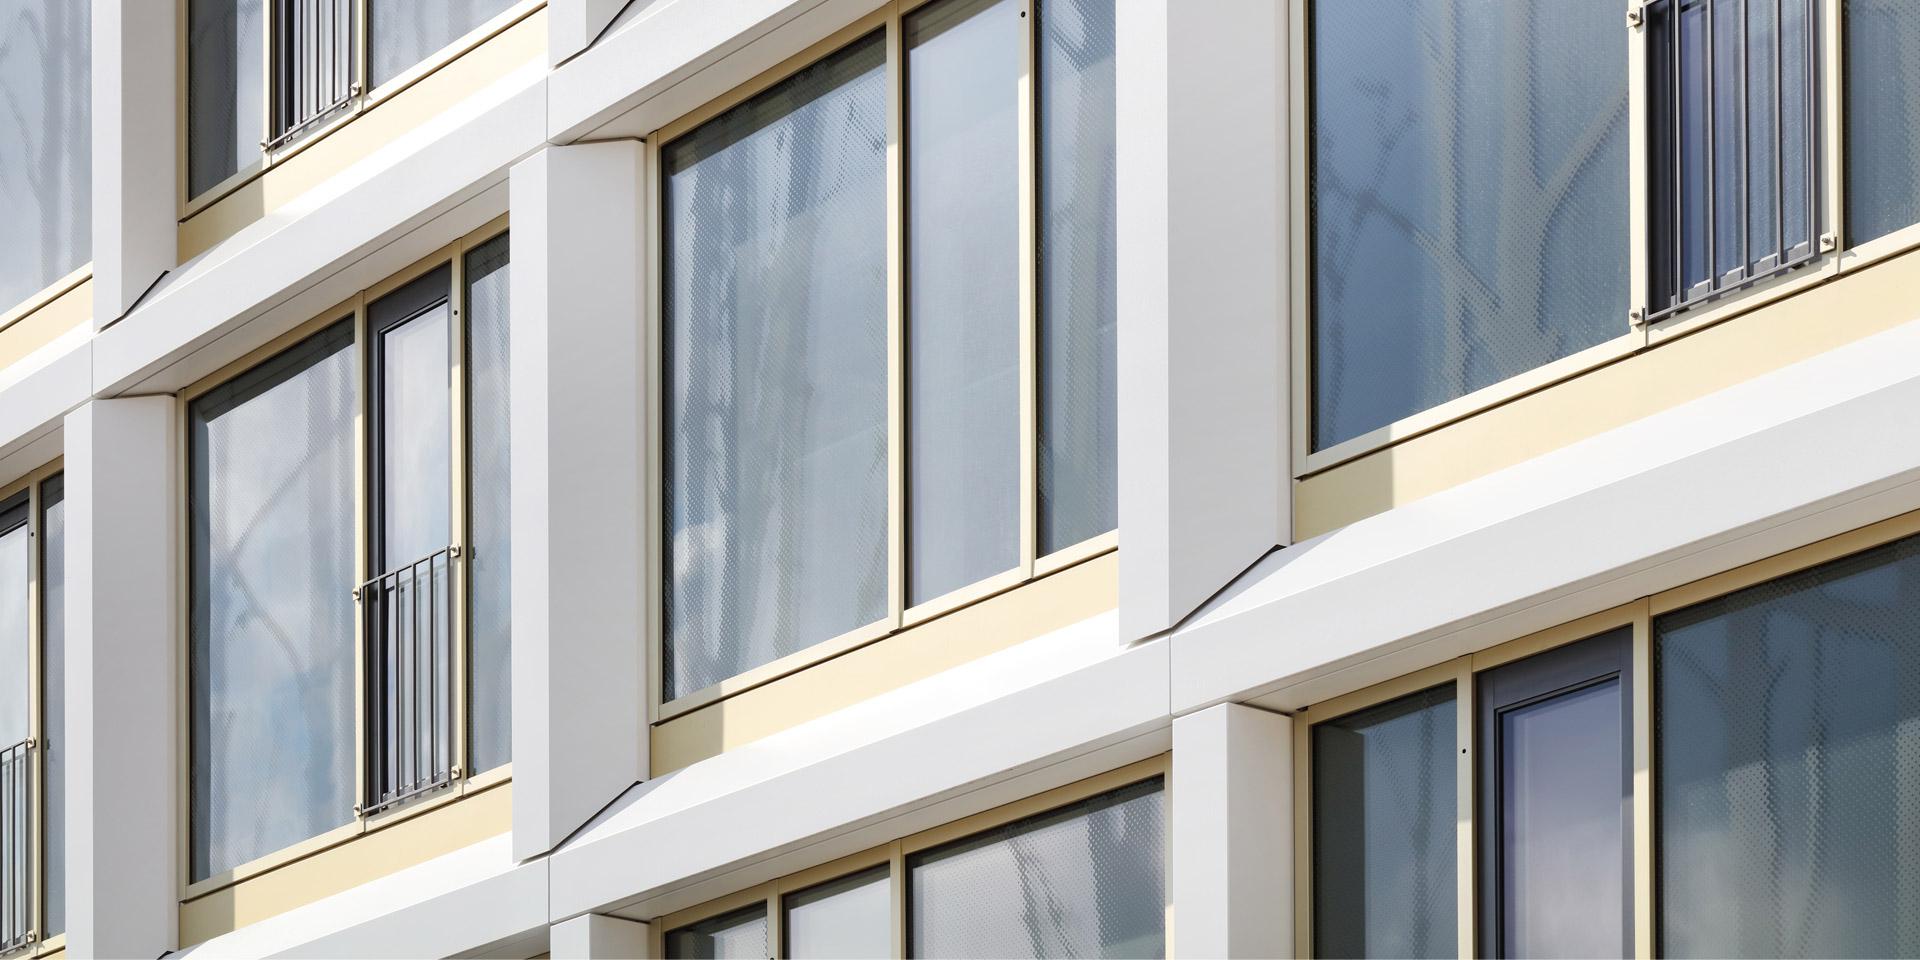 Fassadendetail des Wohnquartiers am Lettenwald in Ulm mit fein strukturierten Profilen und Blechen in Duraflon RAL 9016 Struktur.